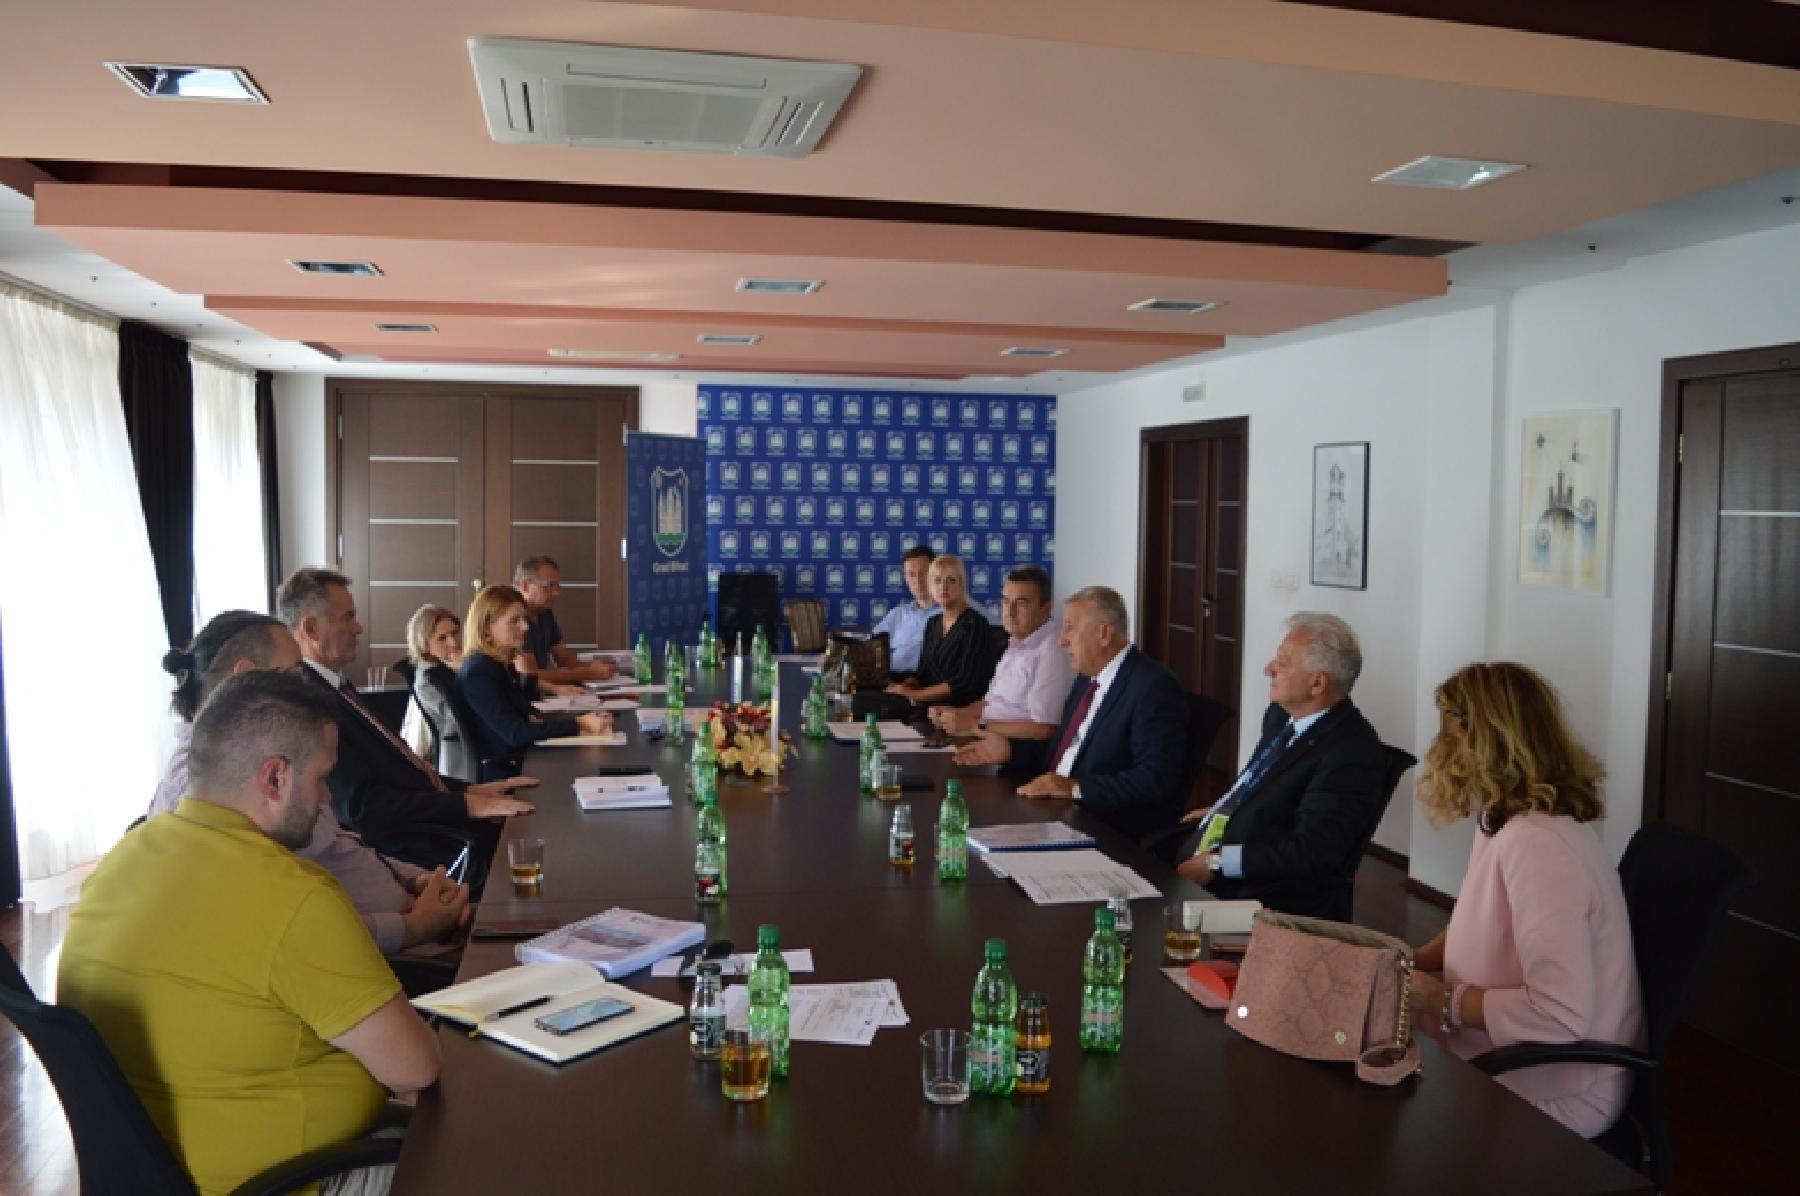 Održan sastanak između predstavnika Agencije za vodni sliv rijeke Save i predstavnika Gradske uprave